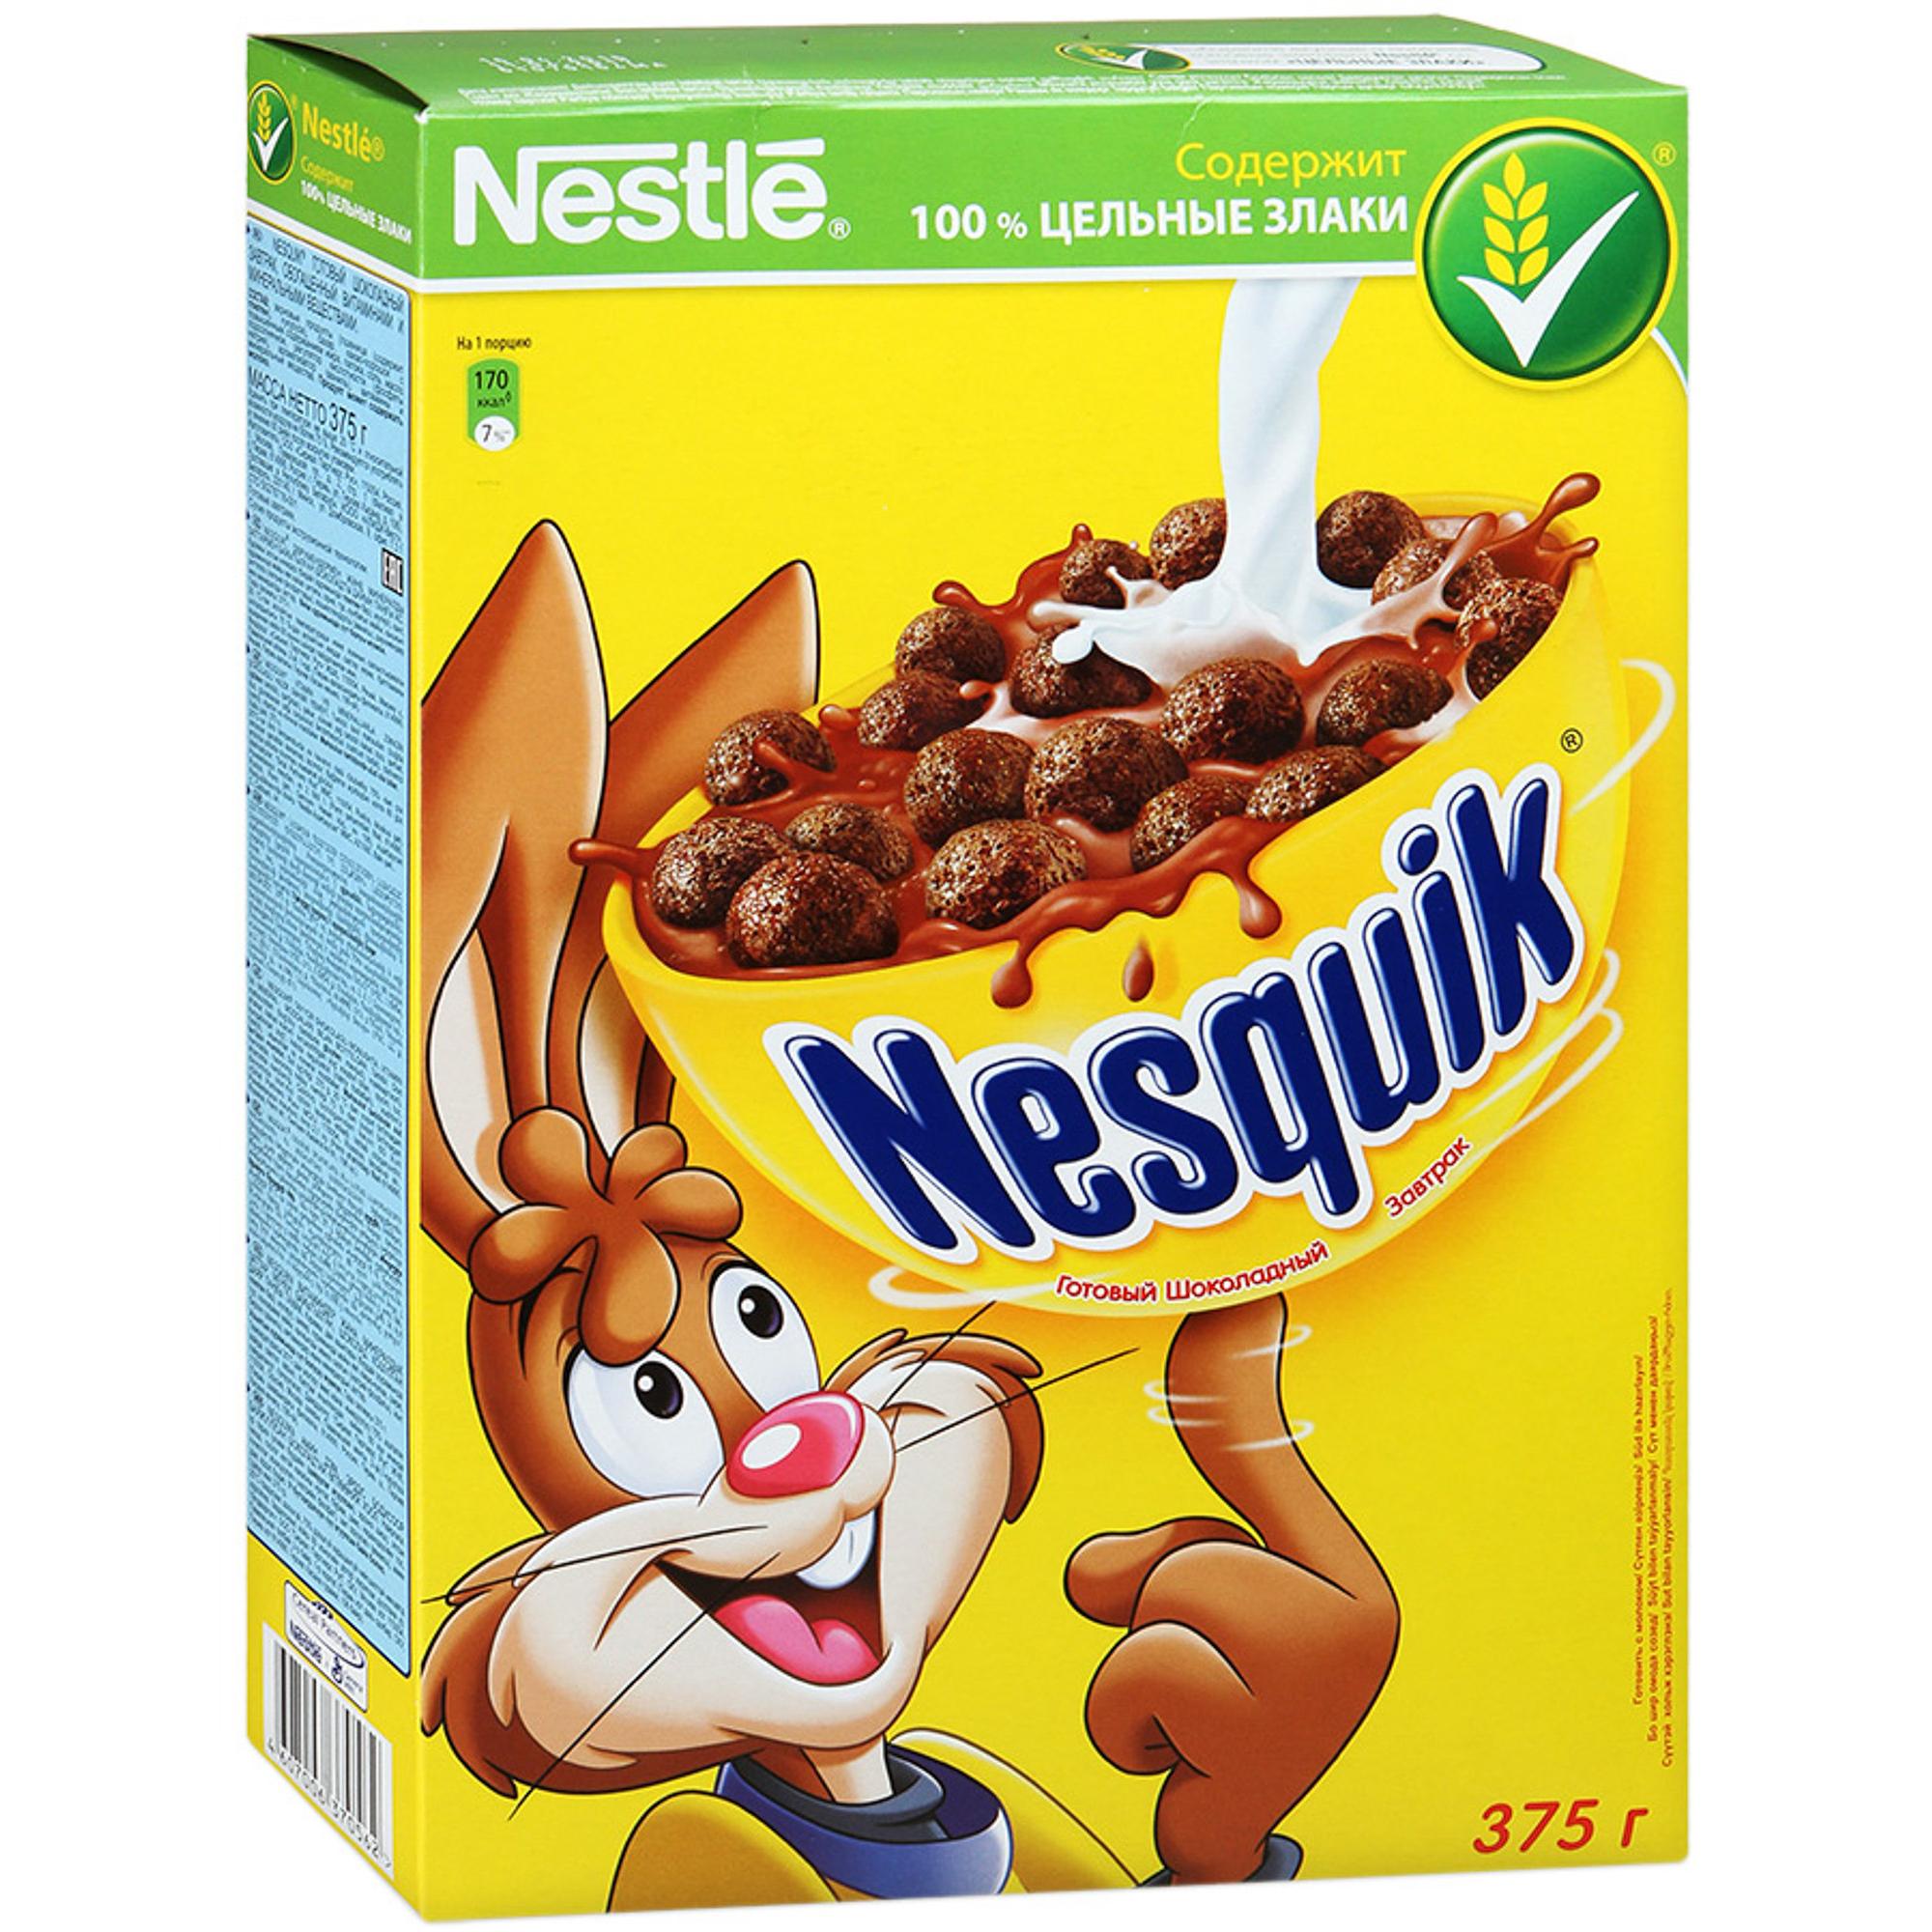 Завтрак Nestle Nesquik шоколадный 375 г.